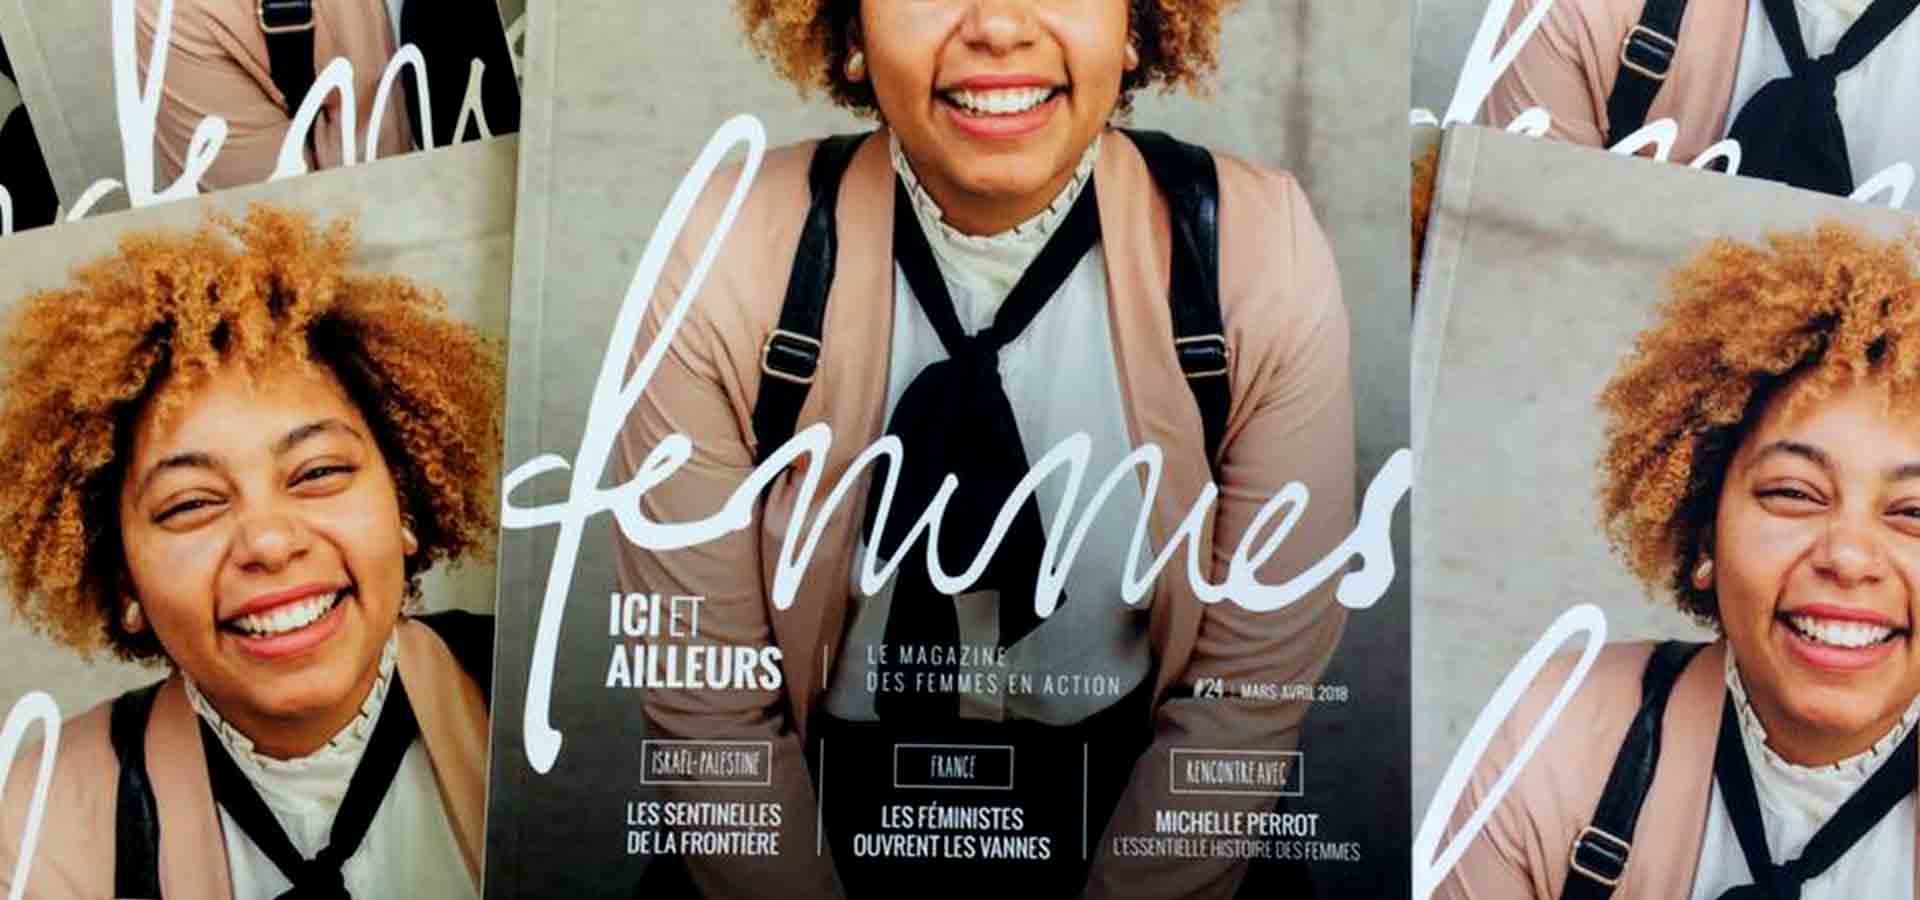 Axion Expansion - Un magazine qui parle des femmes